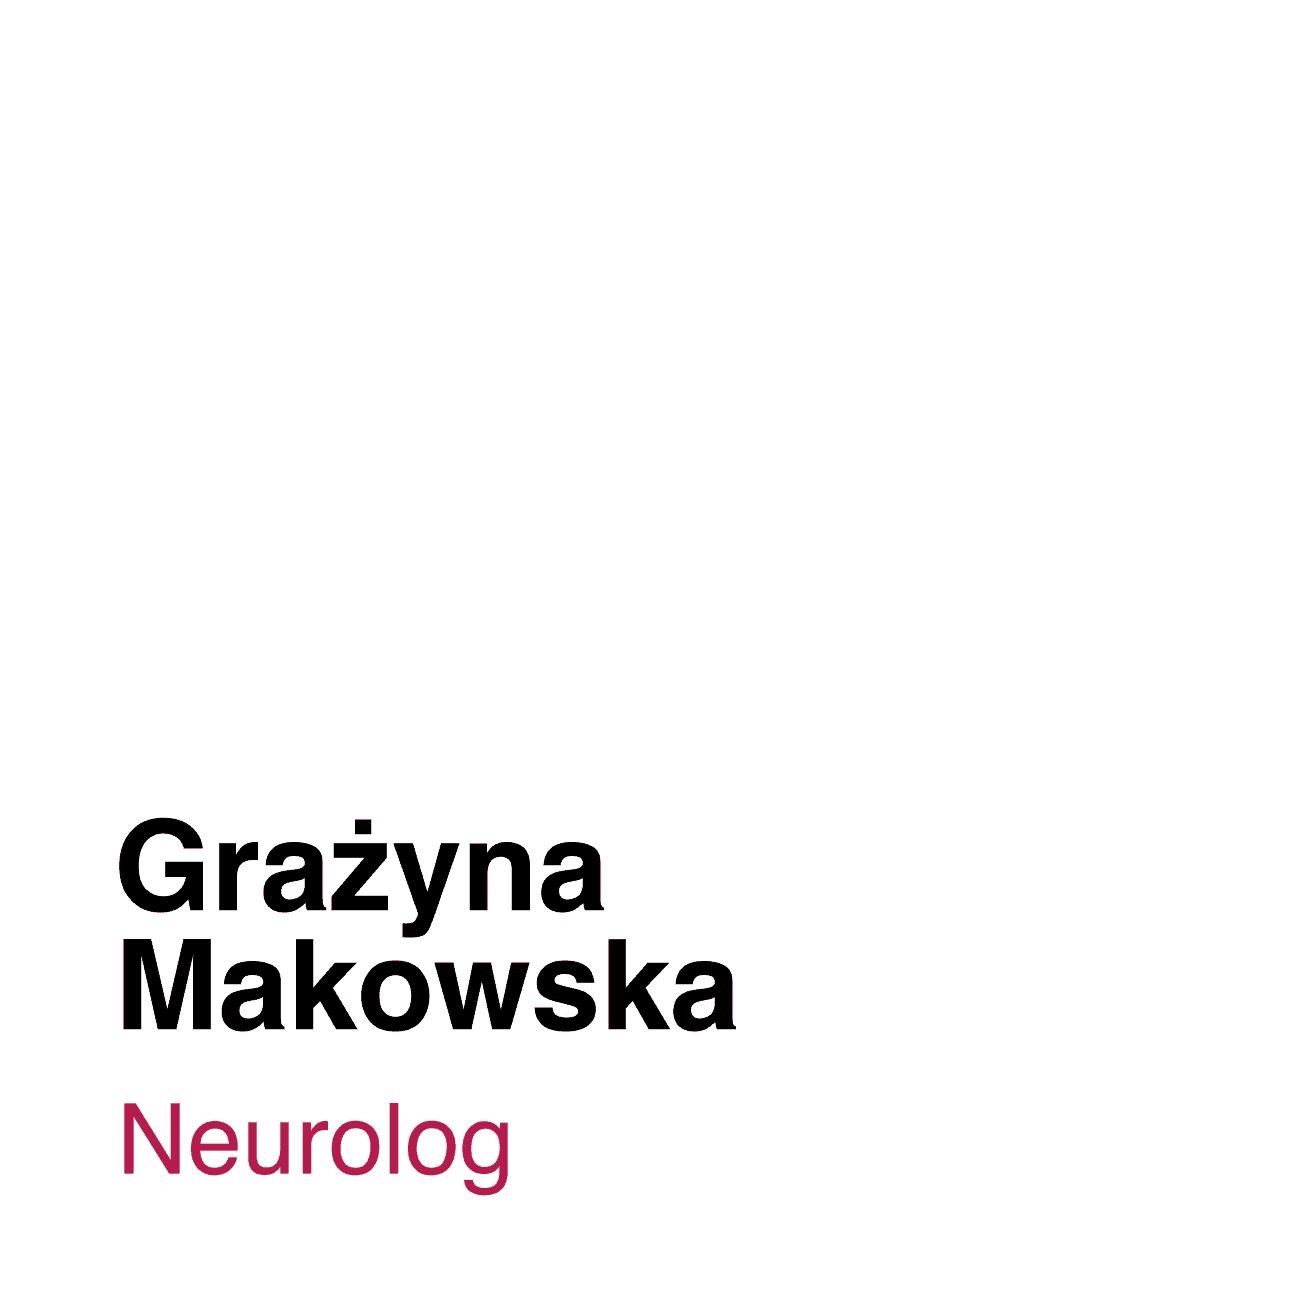 Ilustracja z białym tłem i podpisem Grażyna Makowska, która współpracuje z Medicana w roli lekarki neurologa.